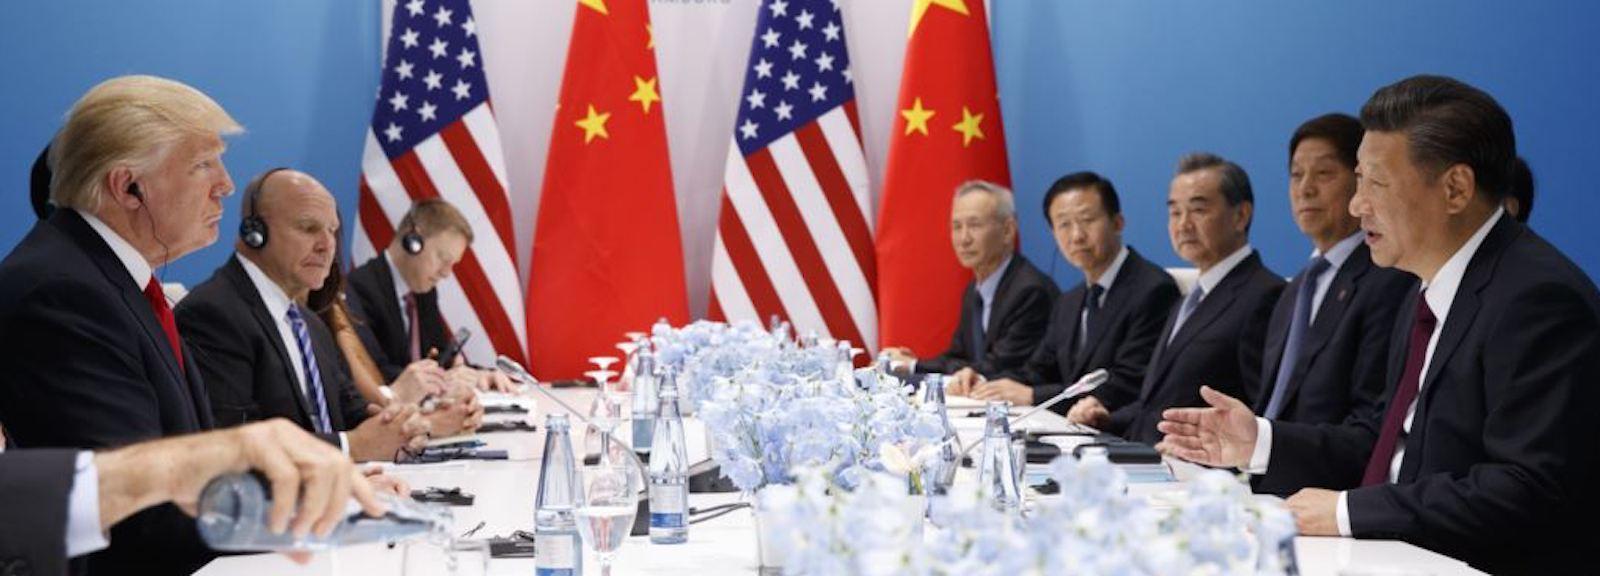 US China trade war updates